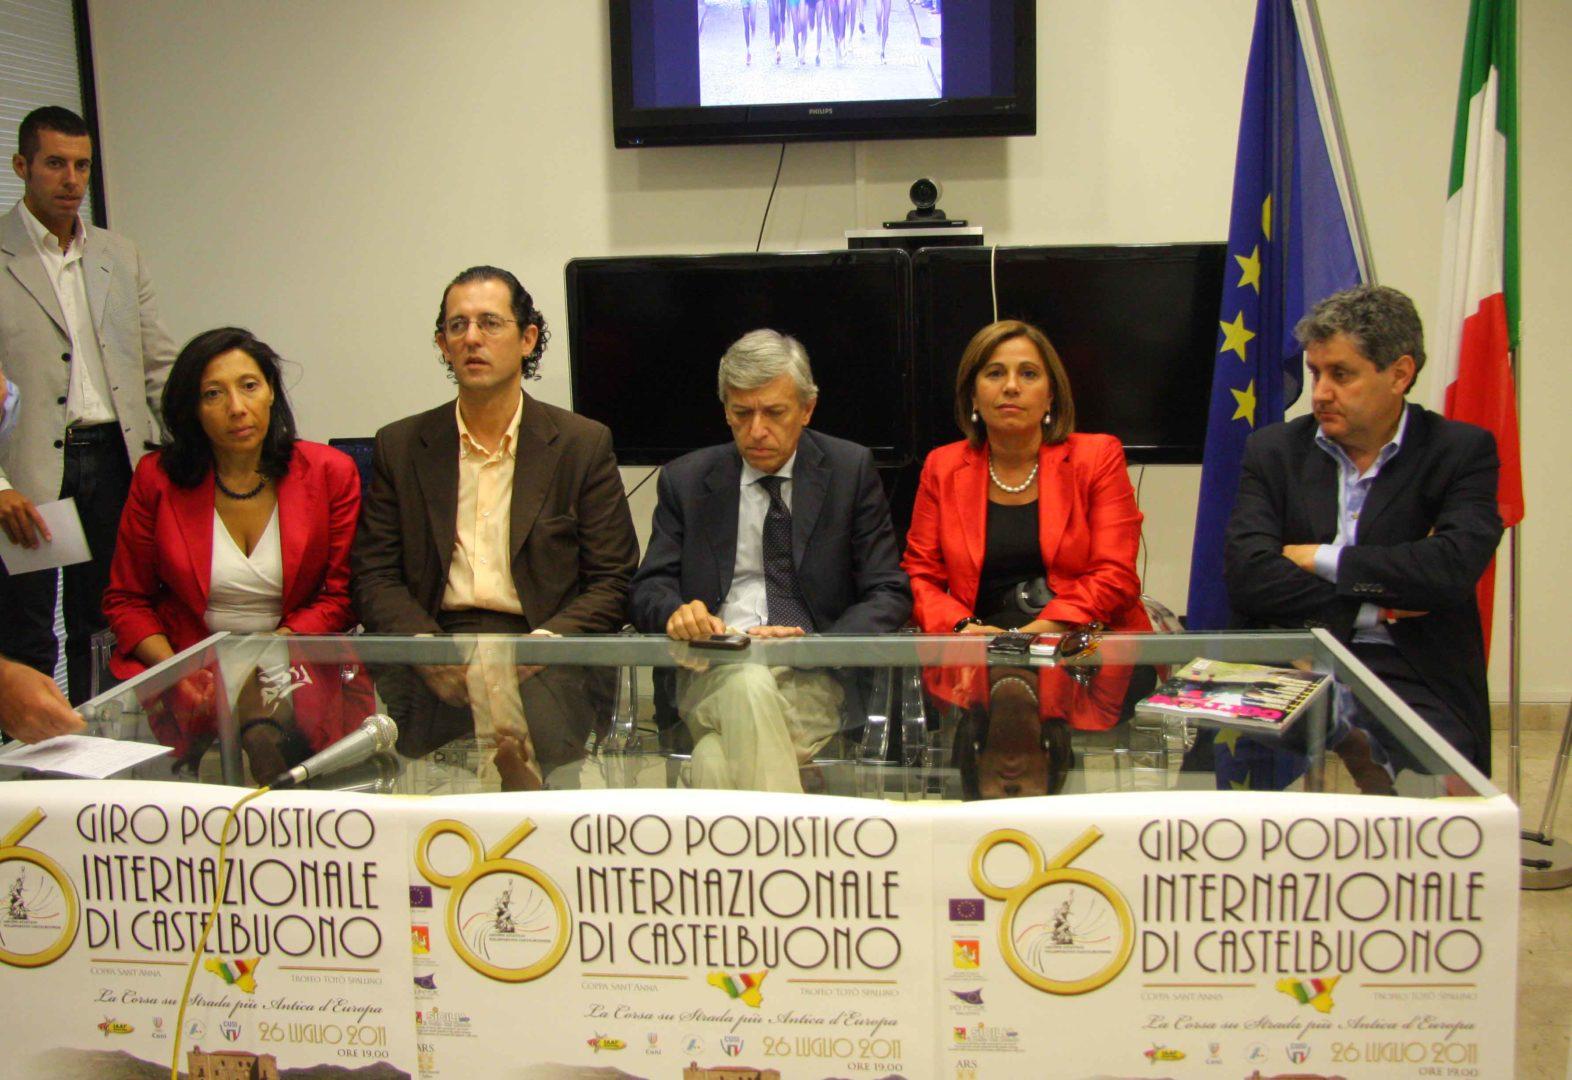 Presentato il Giro Podistico di Castelbuono